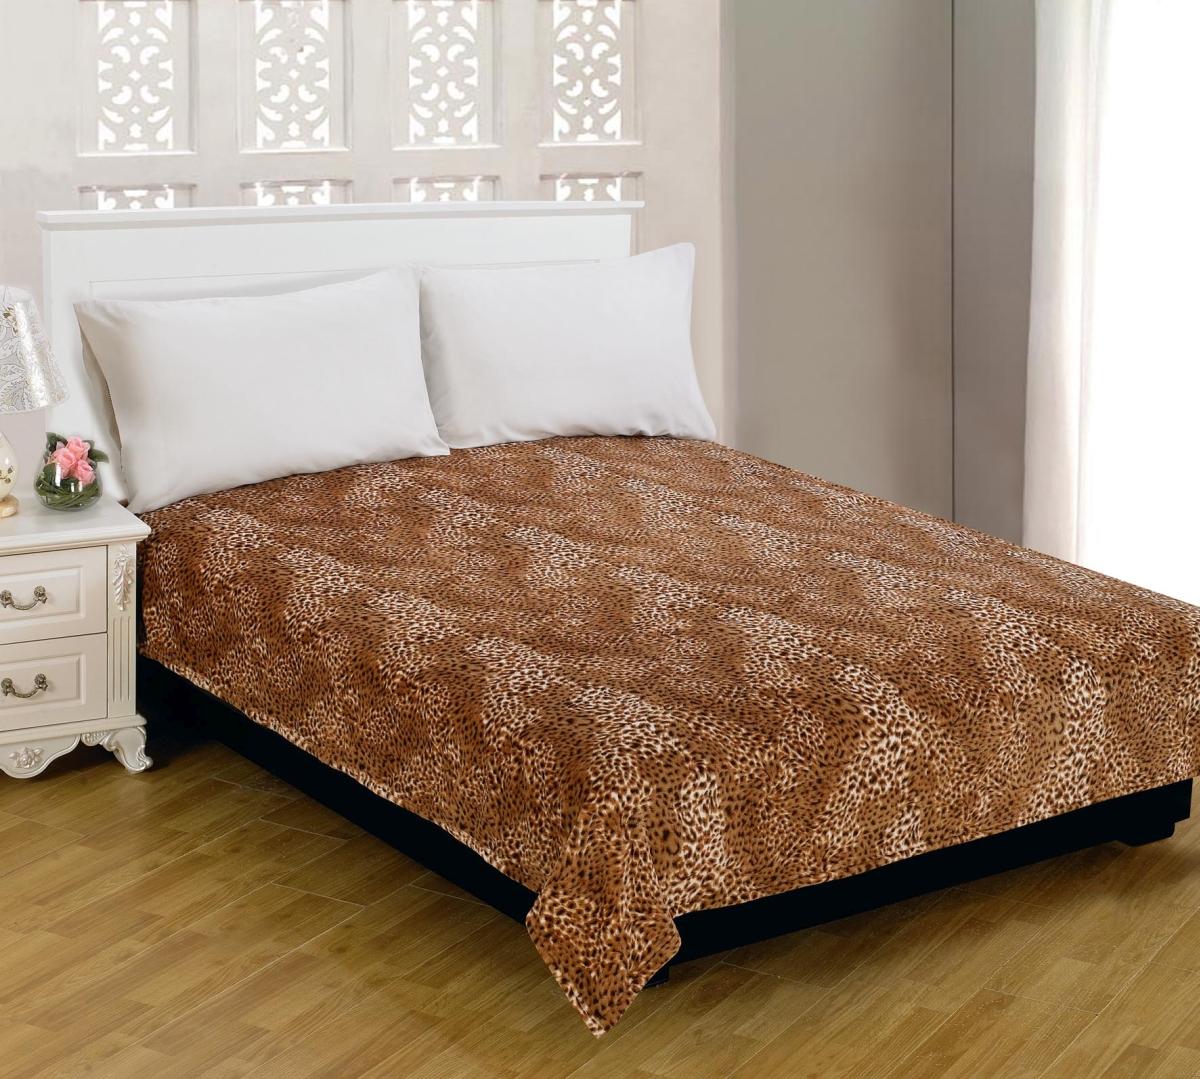 Плед Amore Mio Loft, цвет: белый, коричневый, 150 см х 200 см63231Мягкий, теплый и уютный плед Amore Mio Loft изготовлен из фланели (100% полиэстер). Благодаря своей структуре плед отлично удерживает тепло, не накапливает статическое электричество. Фланель - мягкий материал, гипоаллергенен и экологичен. Благодаря уникальной технологии окрашивания, плед прекрасно отстирывается, не линяет и не скатывается. Изделие легко стирается, быстро сохнет и практически не мнется.